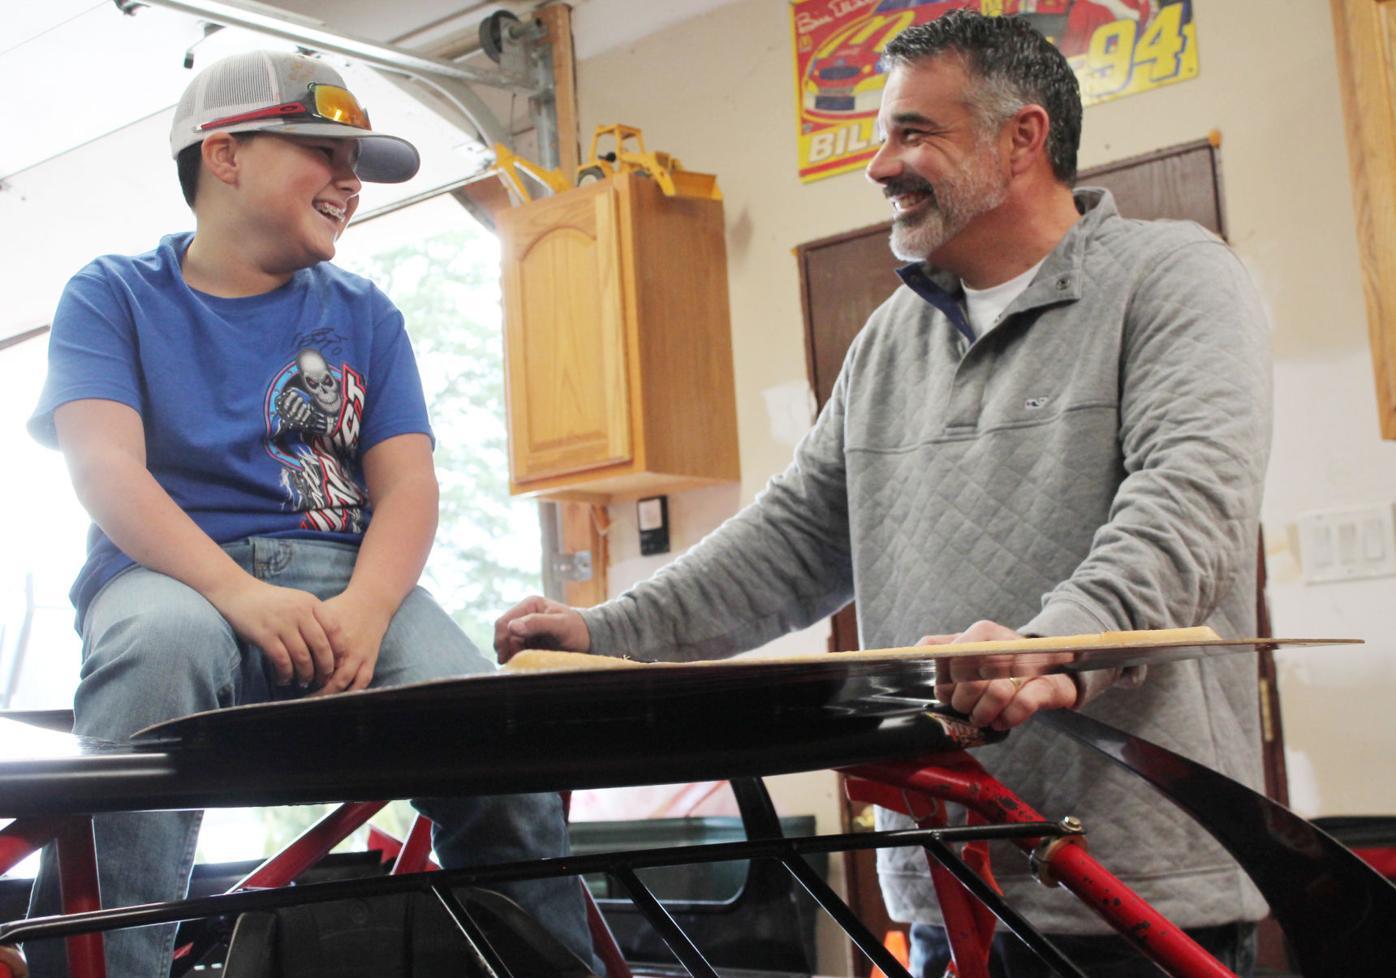 Aspiring young racer wins big